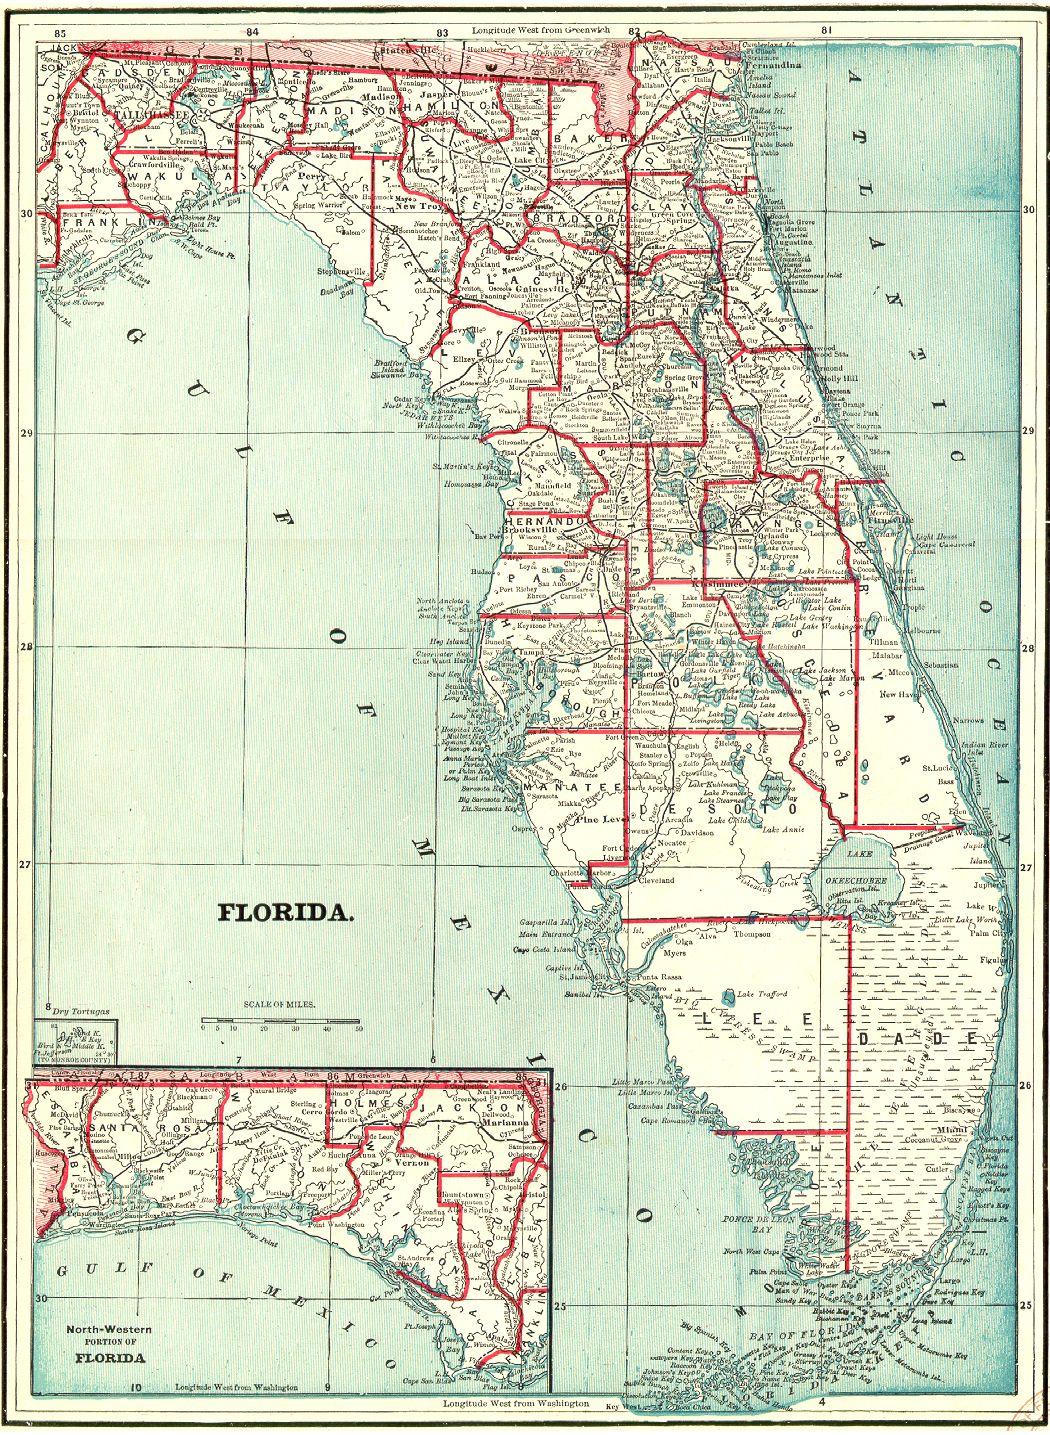 Cedar Key Florida Map.Pin By Susan Chrisenberry On Map Love Map Florida Cedar Key Florida